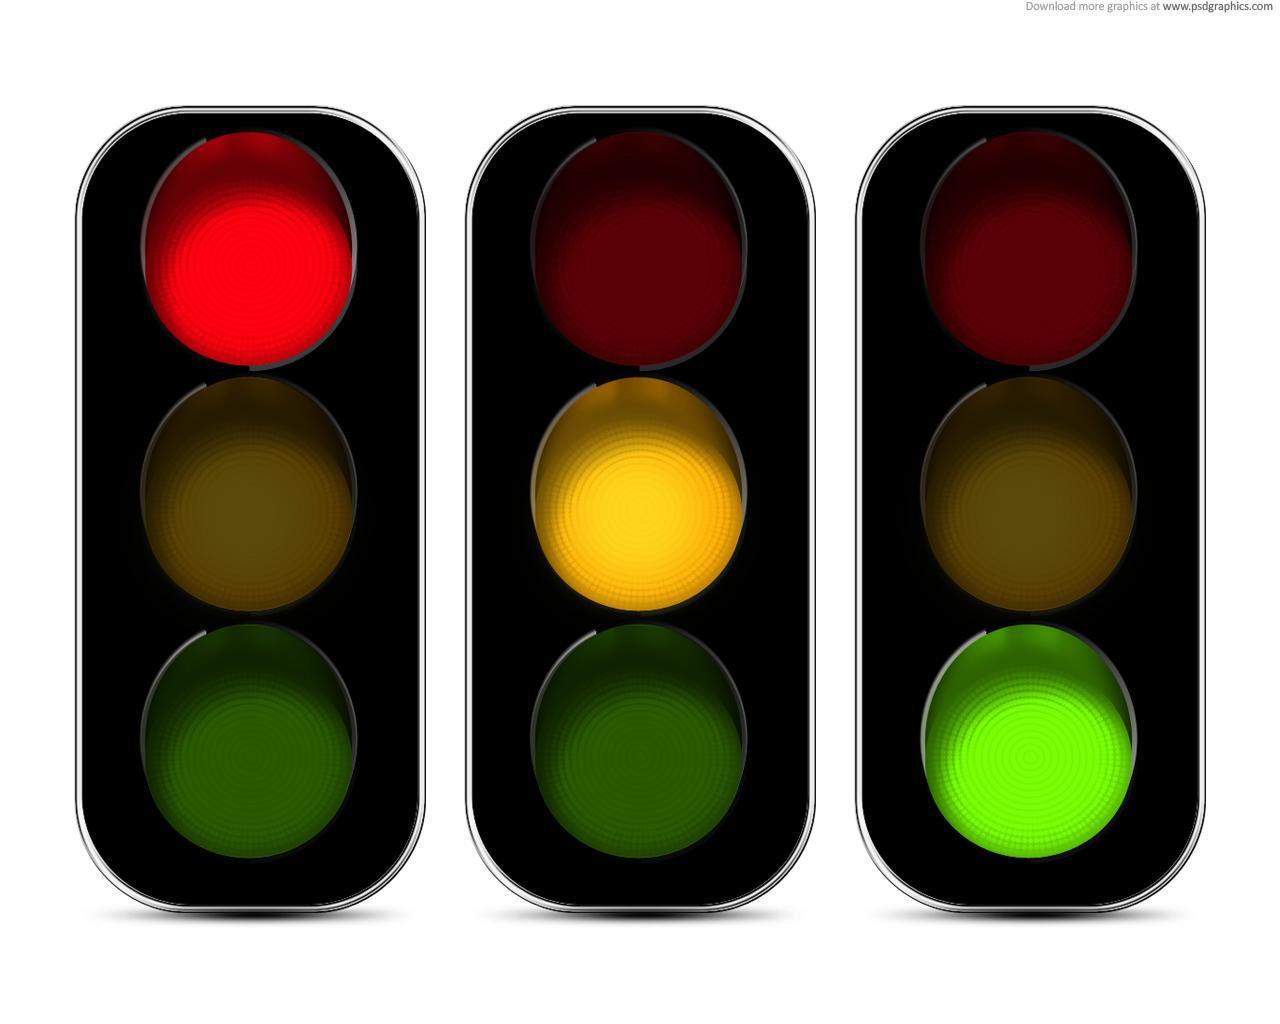 Green Stop Light Clipart Clipart Panda F-Green Stop Light Clipart Clipart Panda Free Clipart Images-3